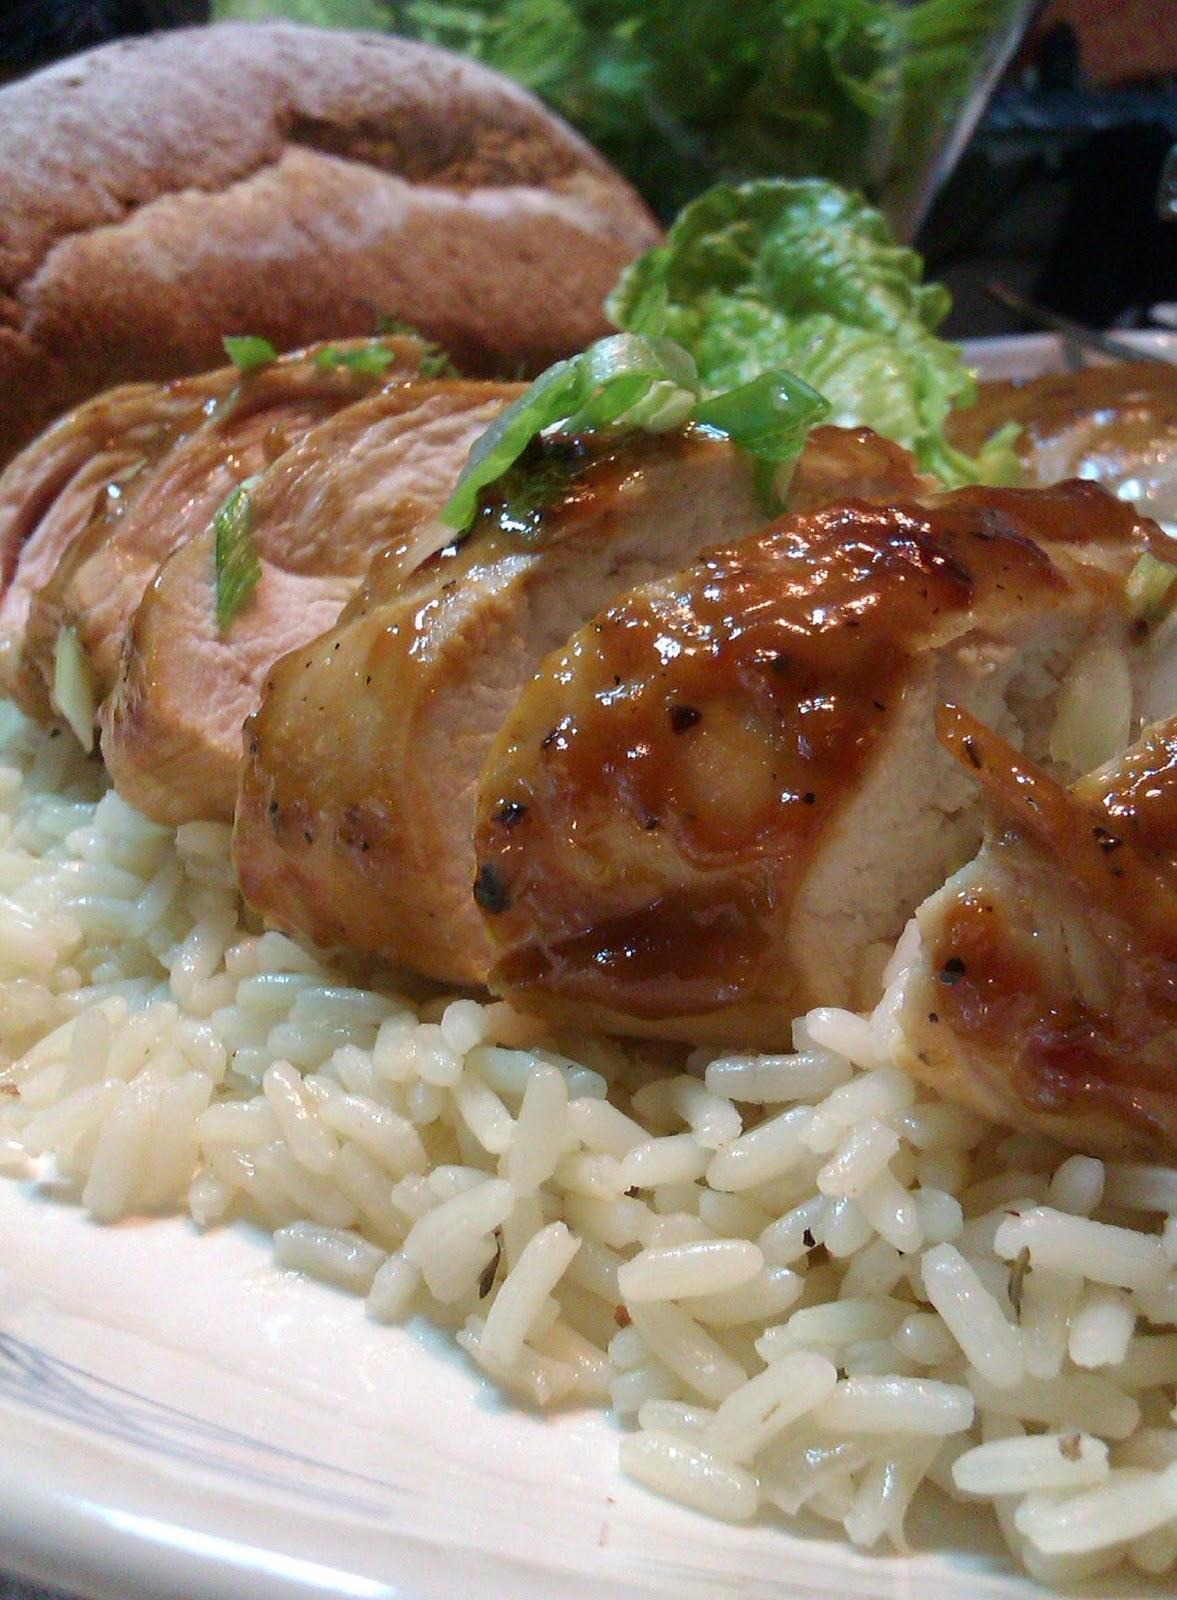 Κοτόπουλο Μαριναρισμένο με Βαλσάμικο & Μέλι - Chicken Marinated with Balsamic Vinegar & Honey